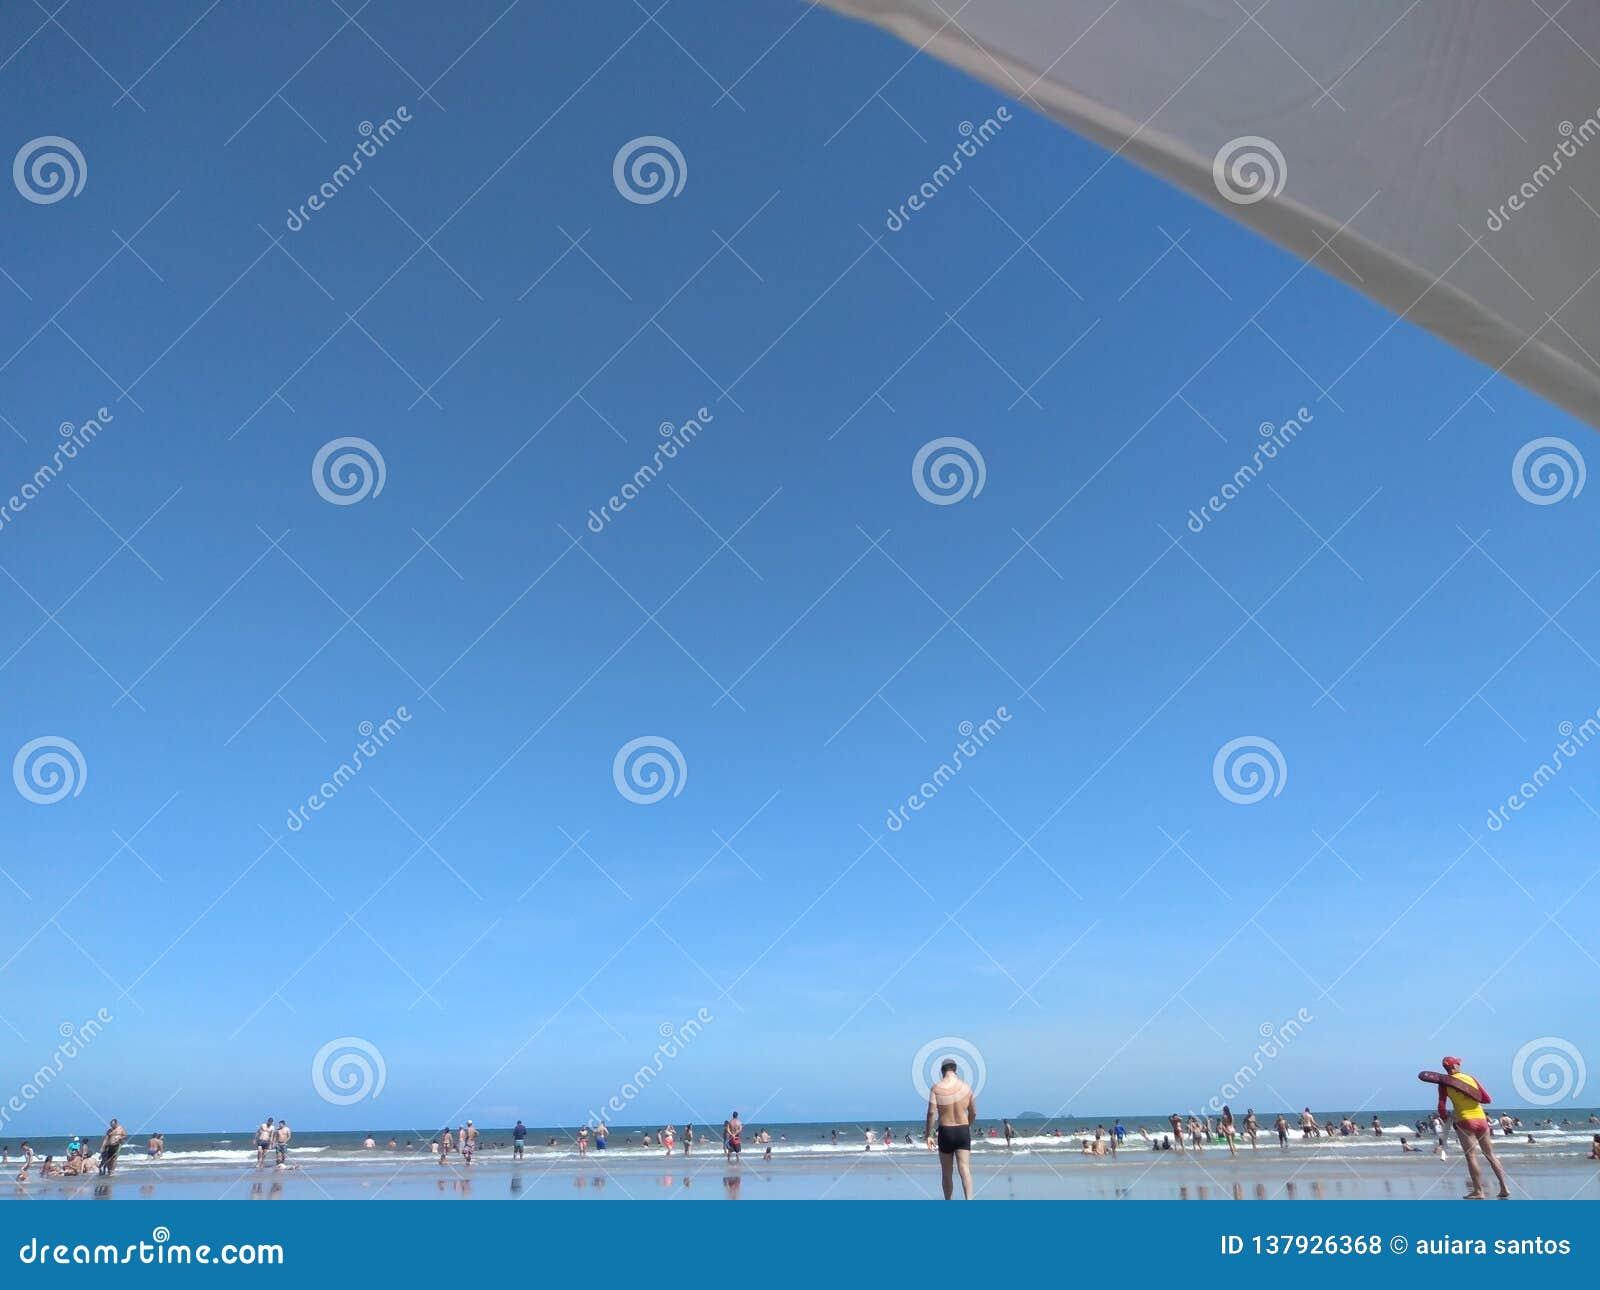 Praia do solenoide